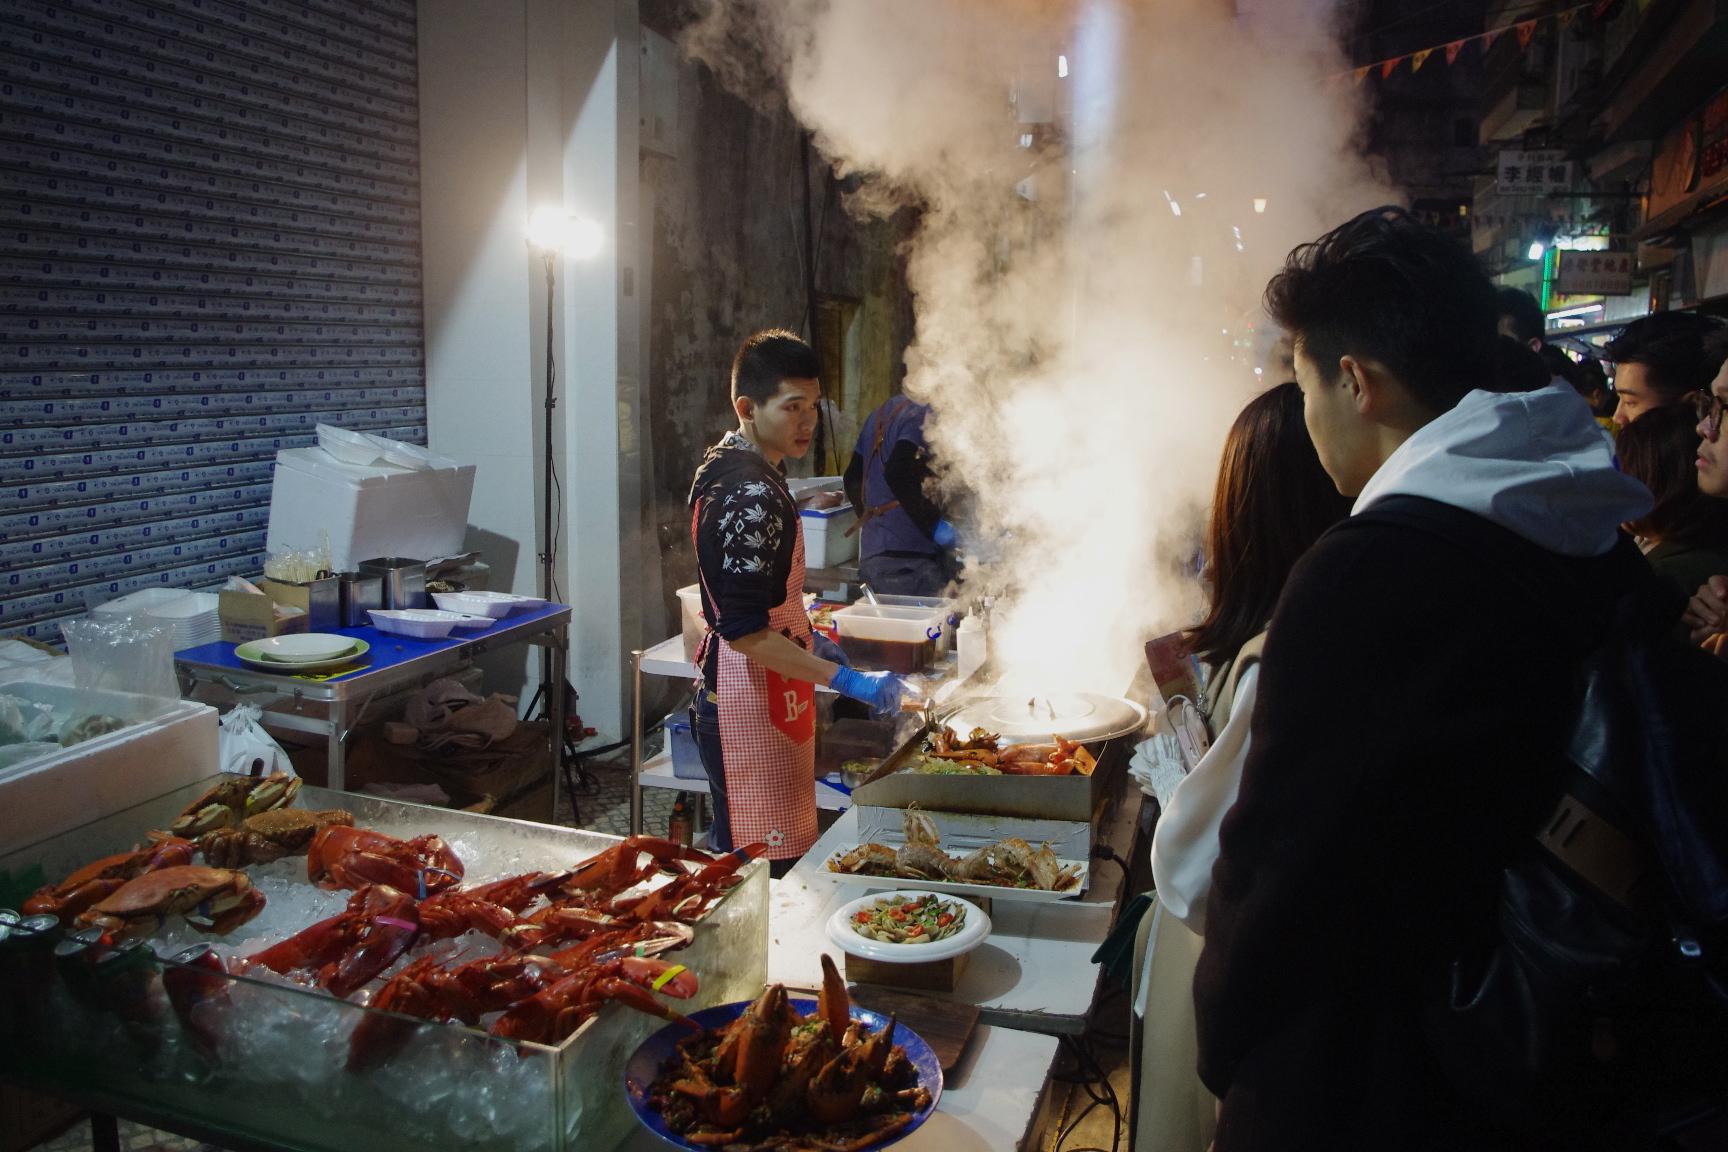 【マカオのおすすめ・人気グルメ】地元マカオ・ポルトガル・中華料理や穴場まで! マカオ在住ツアーガイドが紹介